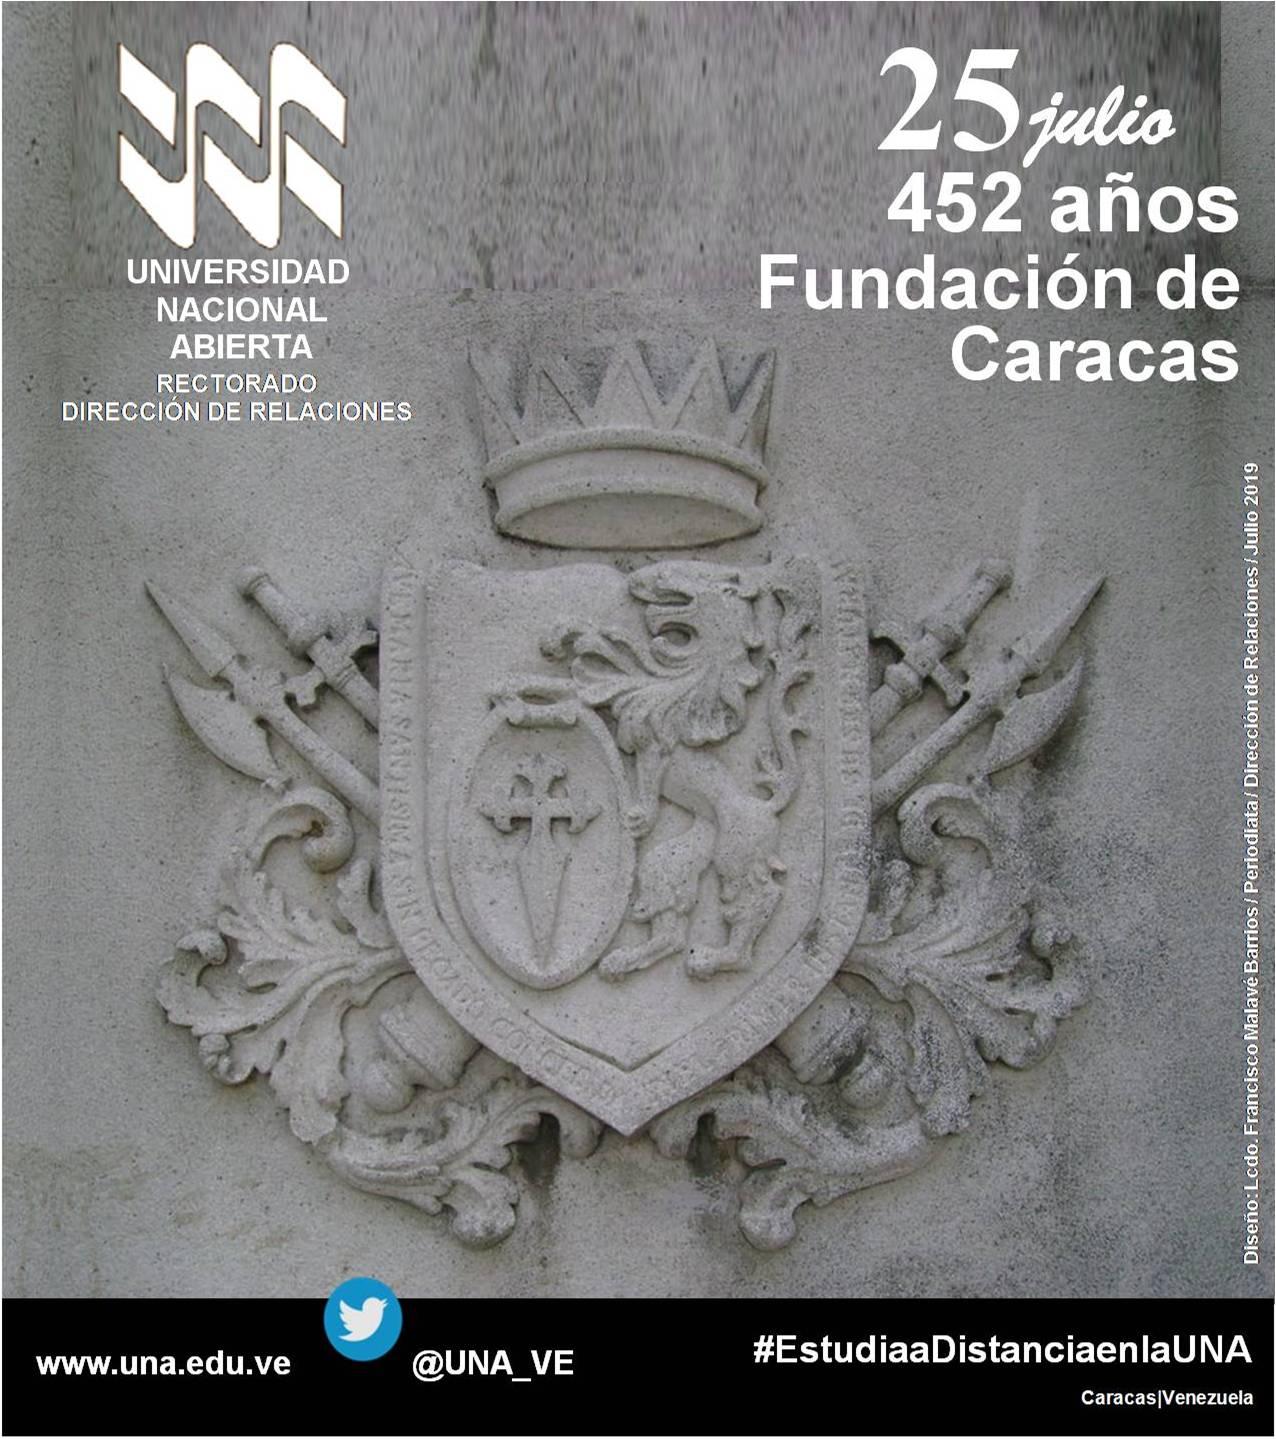 452 años Fundación de Caracas